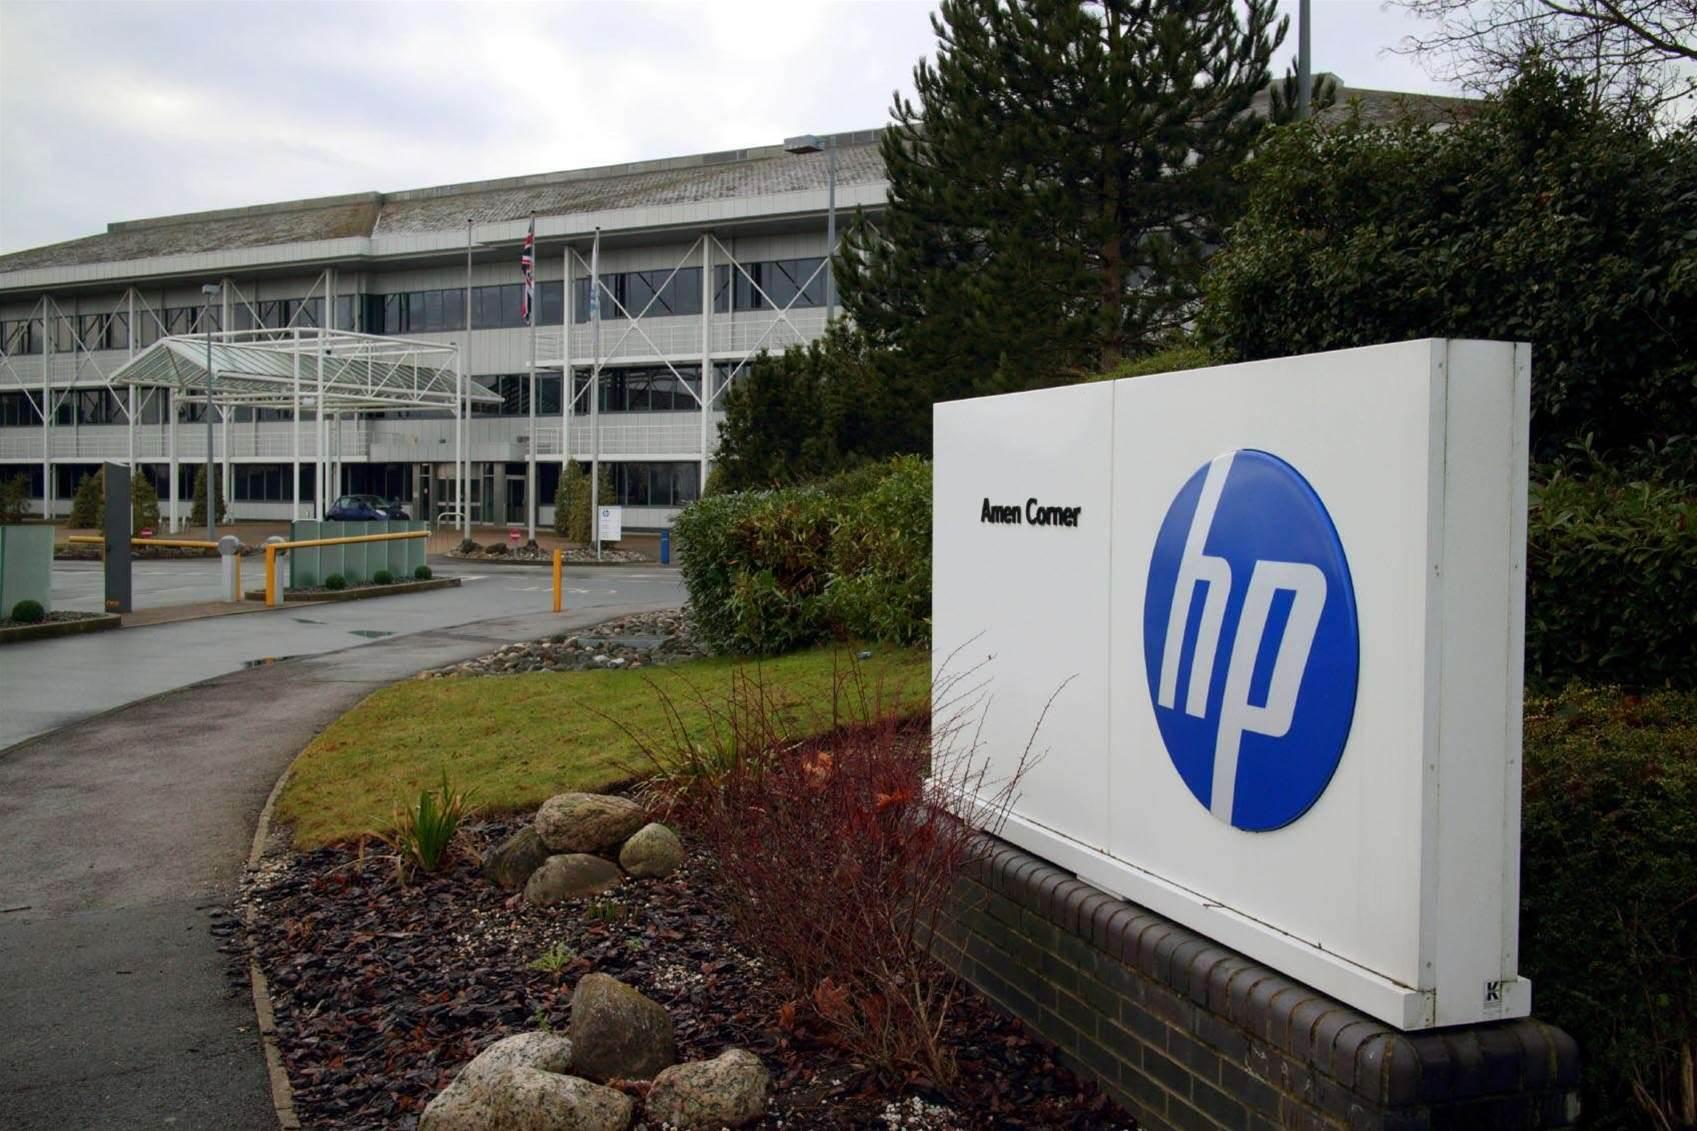 HP to buy wi-fi equipment maker Aruba